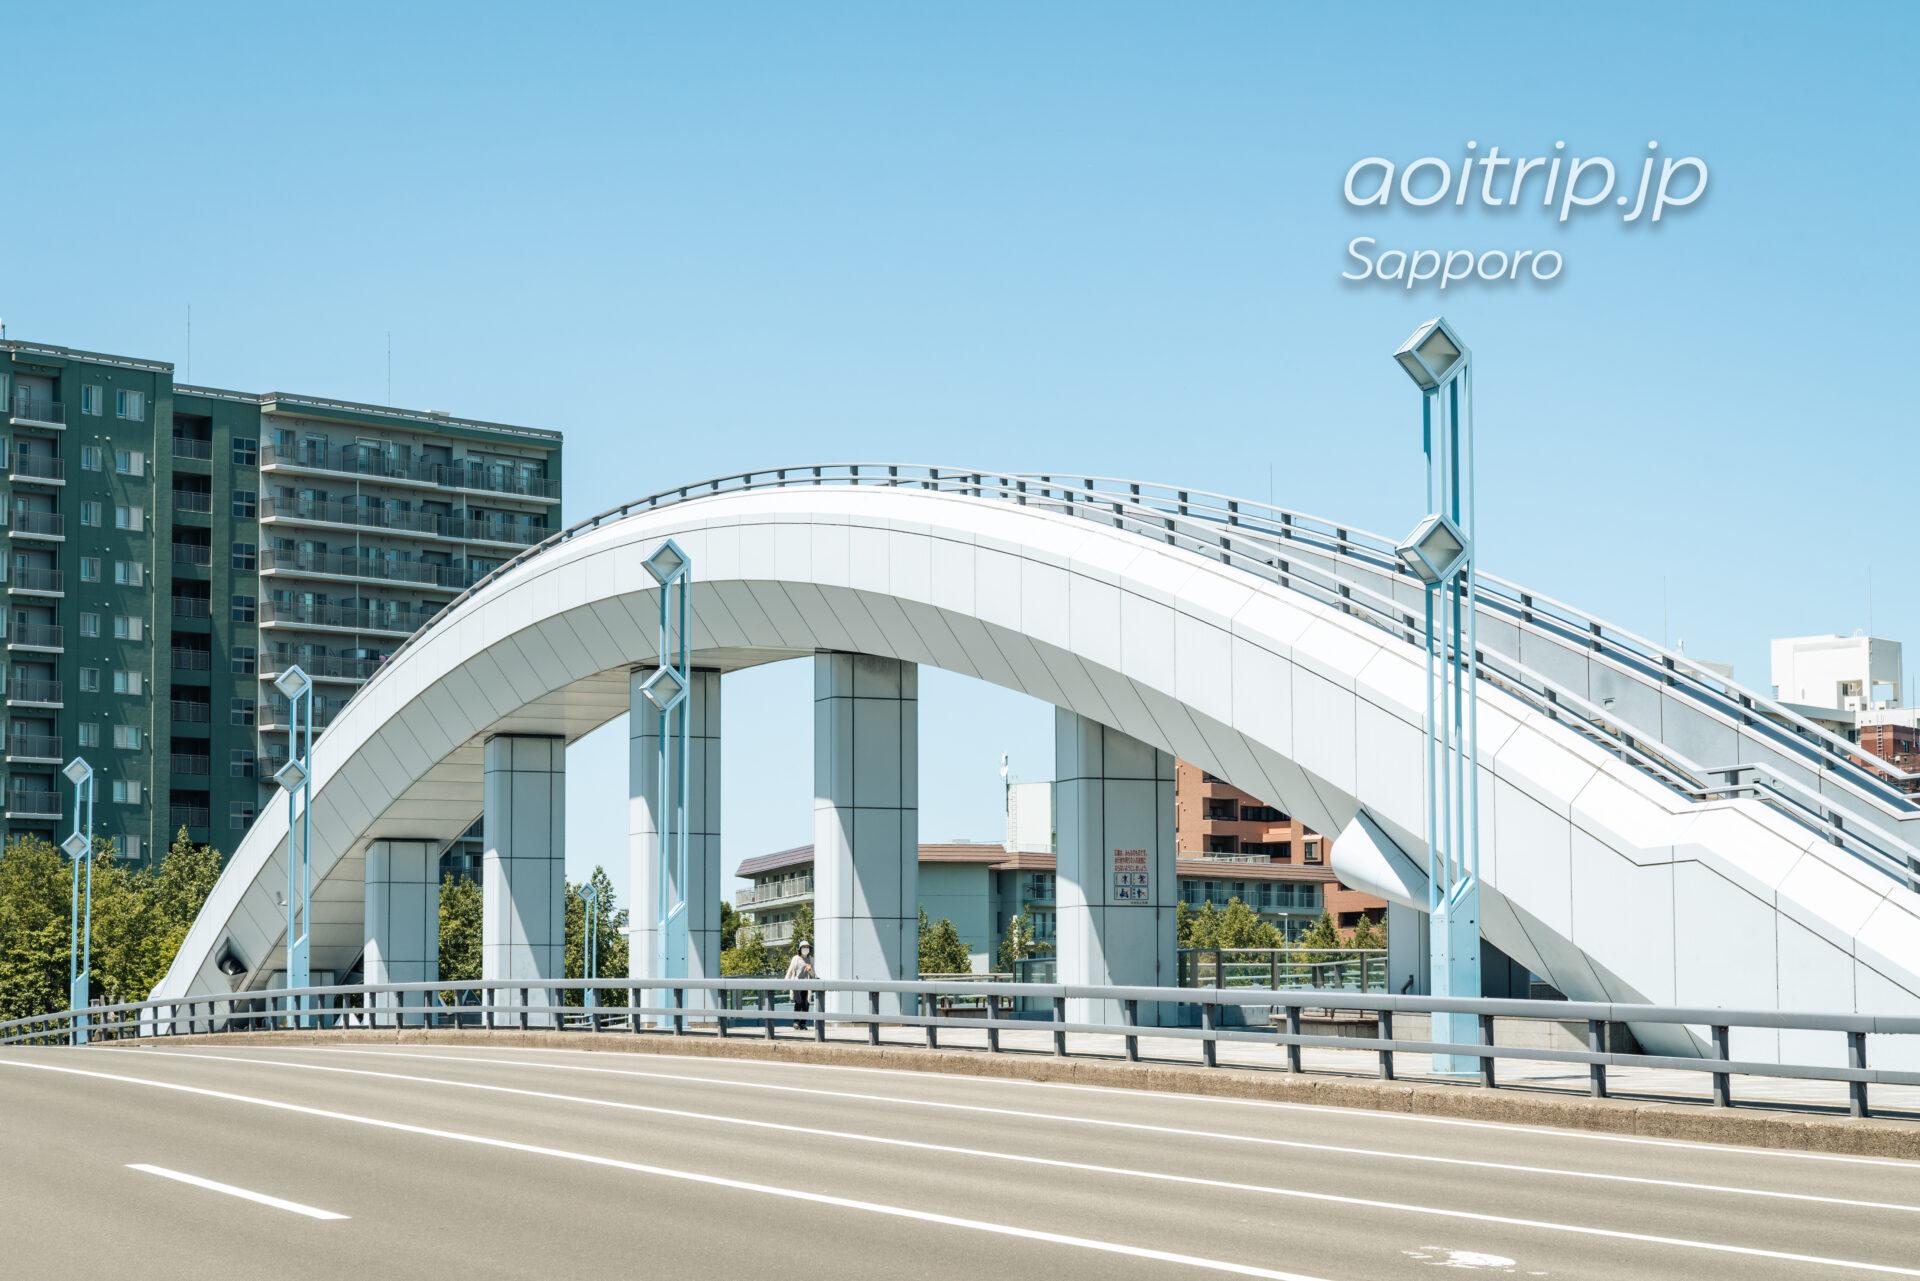 札幌の幌平橋 Horohirabashi Bridge